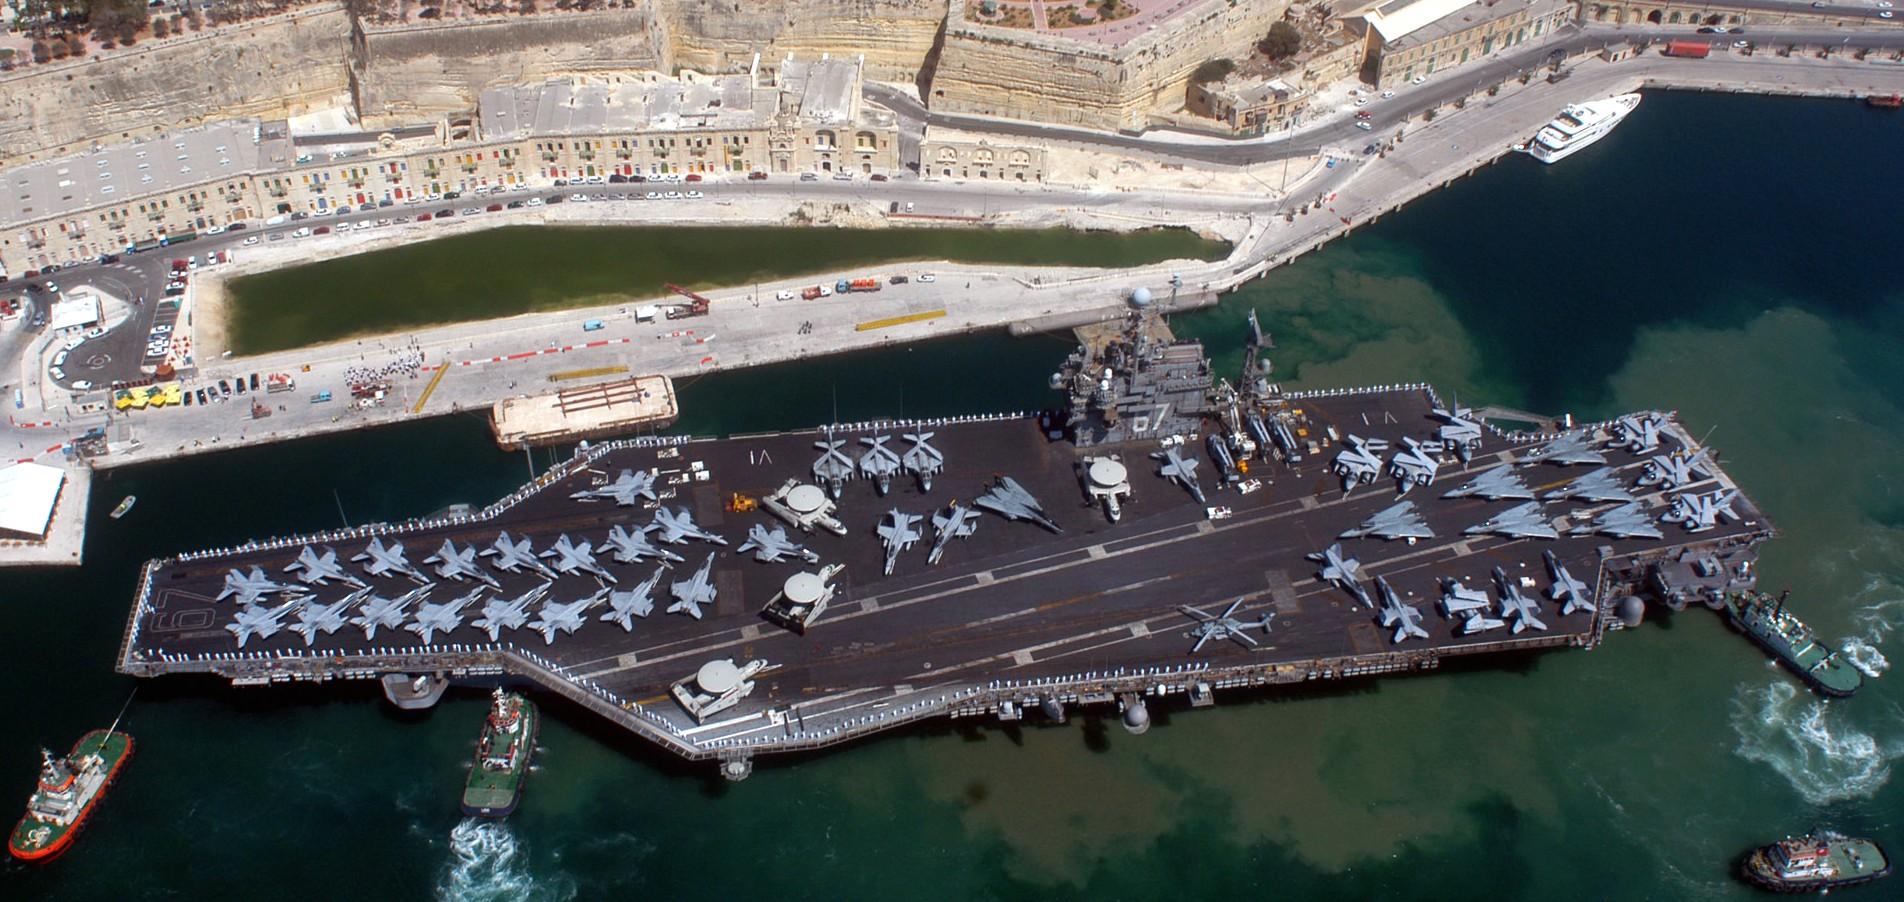 cv 67 uss john f kennedy full history 1968 2007 us navy